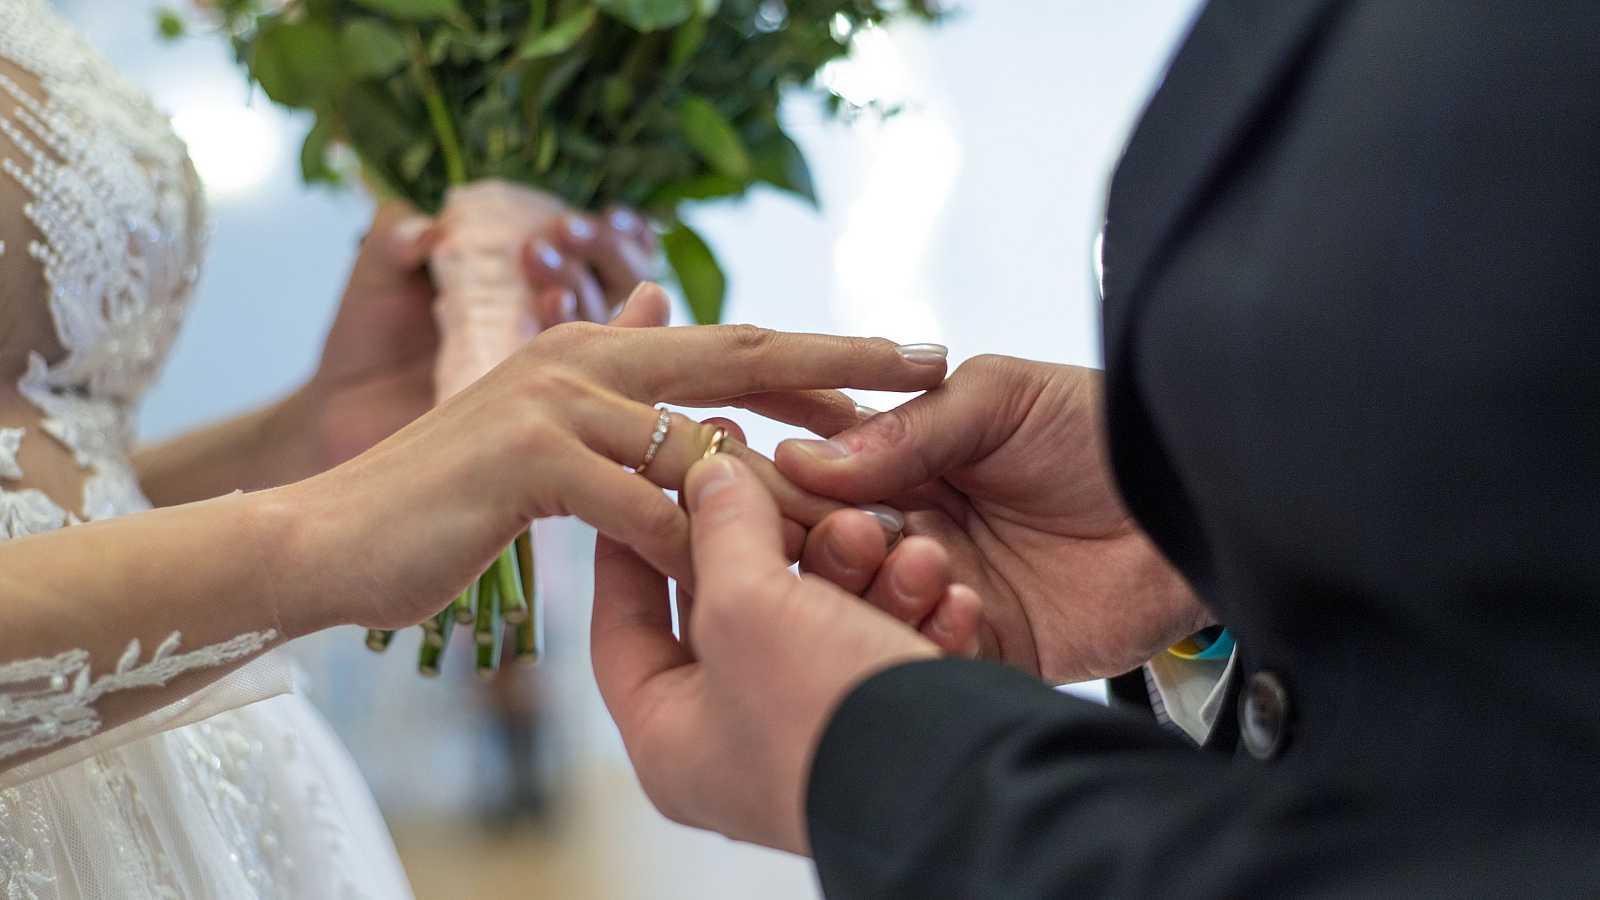 Los territorios en Fase 2 podrán celebrar bodas con al menos 50 invitados